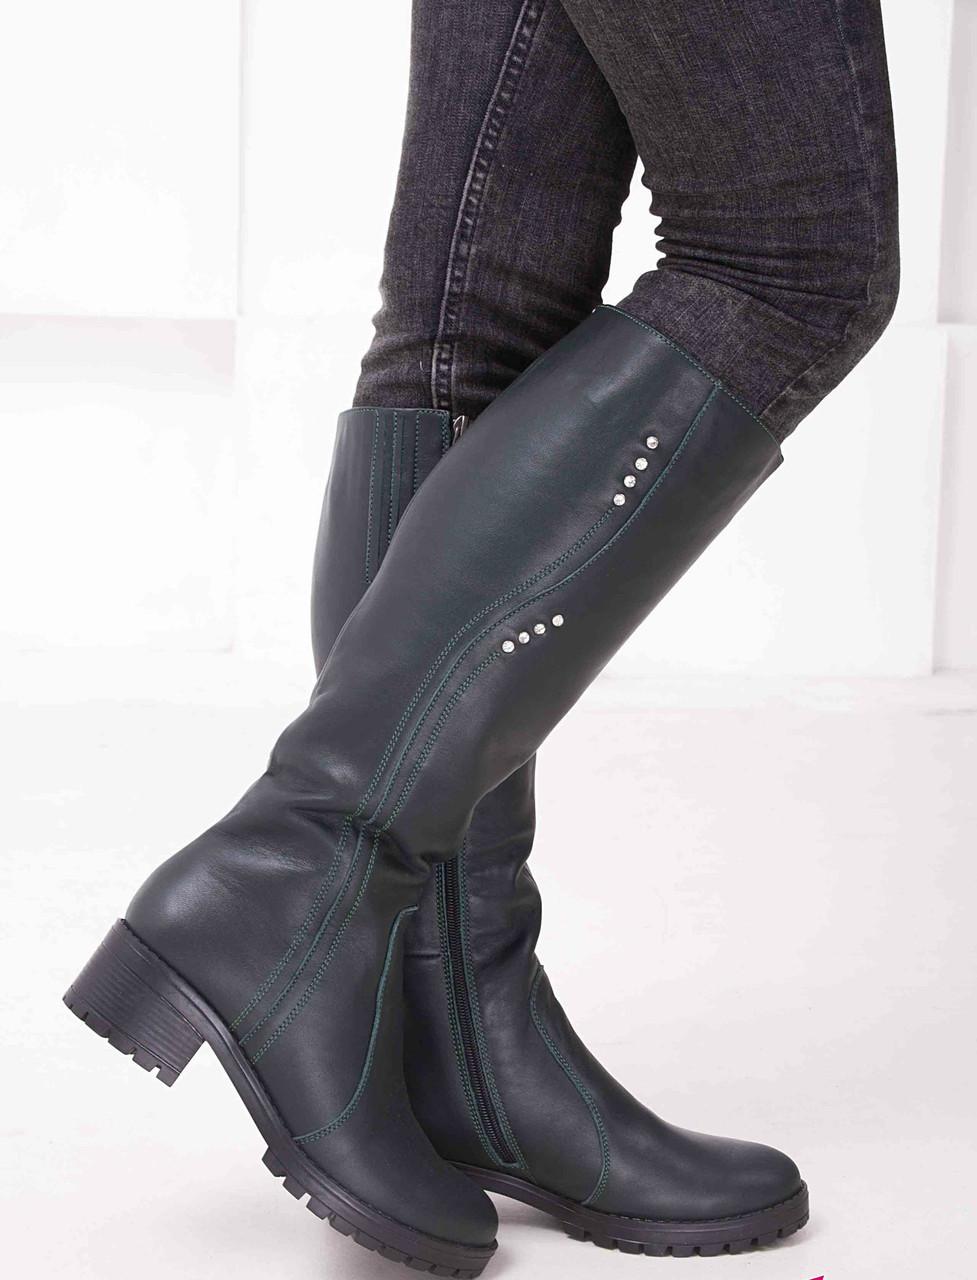 Жіночі шкіряні чоботи на невысокм підборах Можливий відшиваючи у інших кольорах шкіри і замші